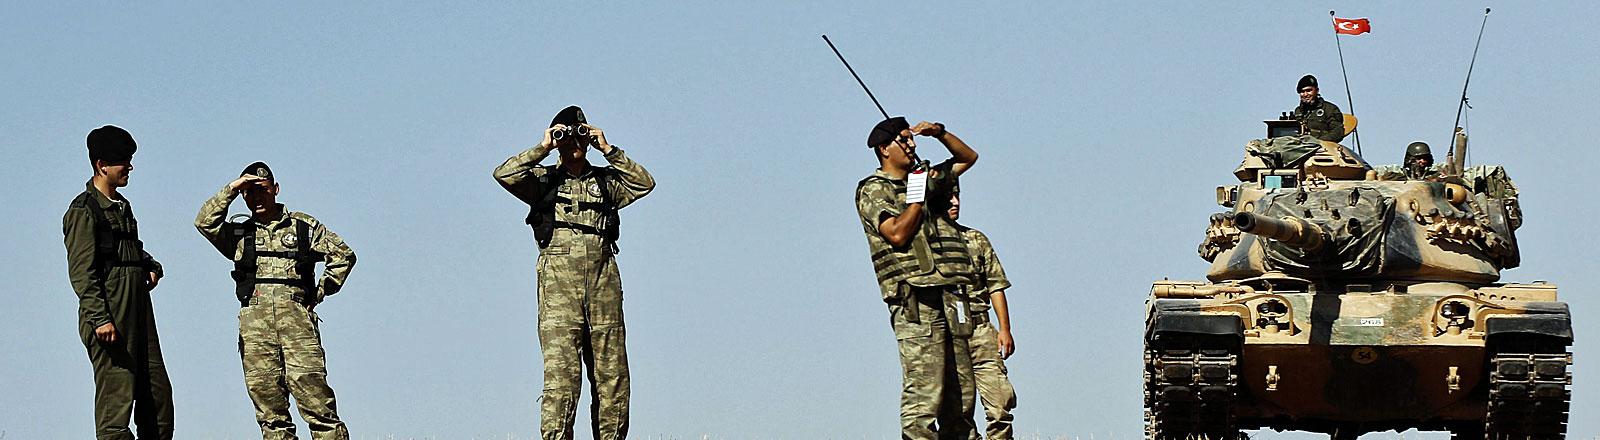 Türkische Soldaten kurz hinter der türkisch-syrischen Grenze nahe Kobane